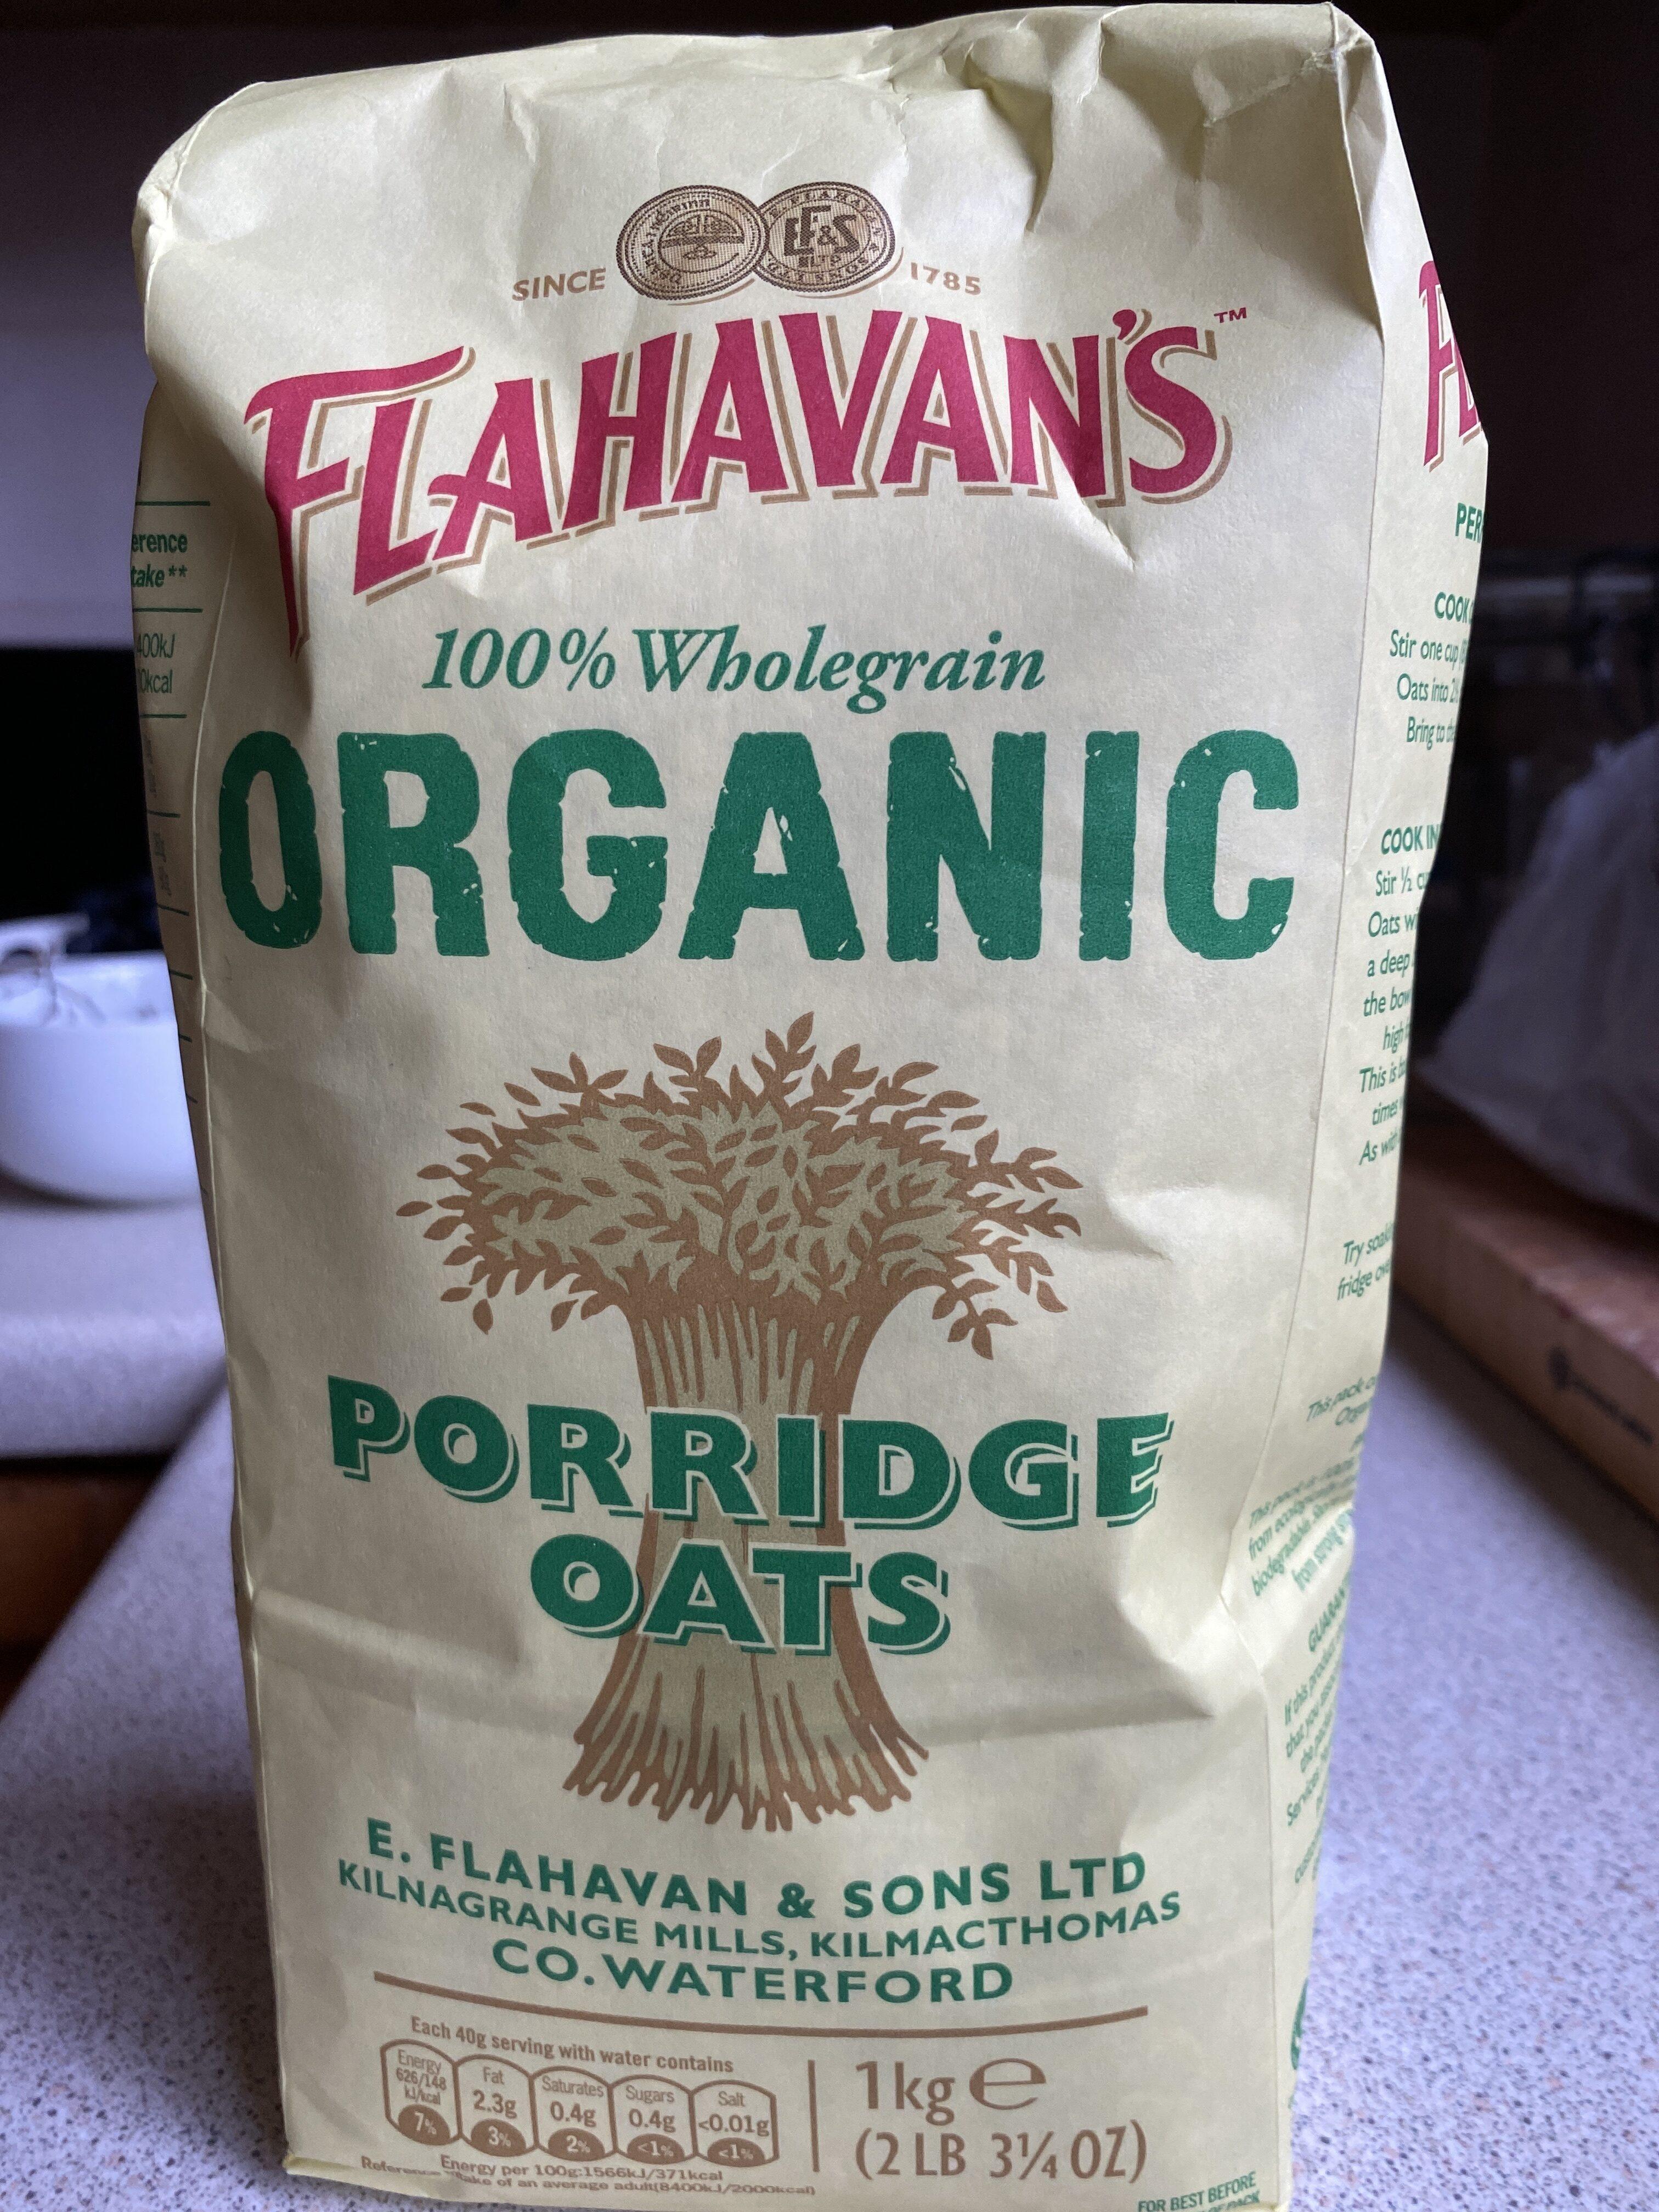 Flahavans Organic Porridge Oats - Product - en